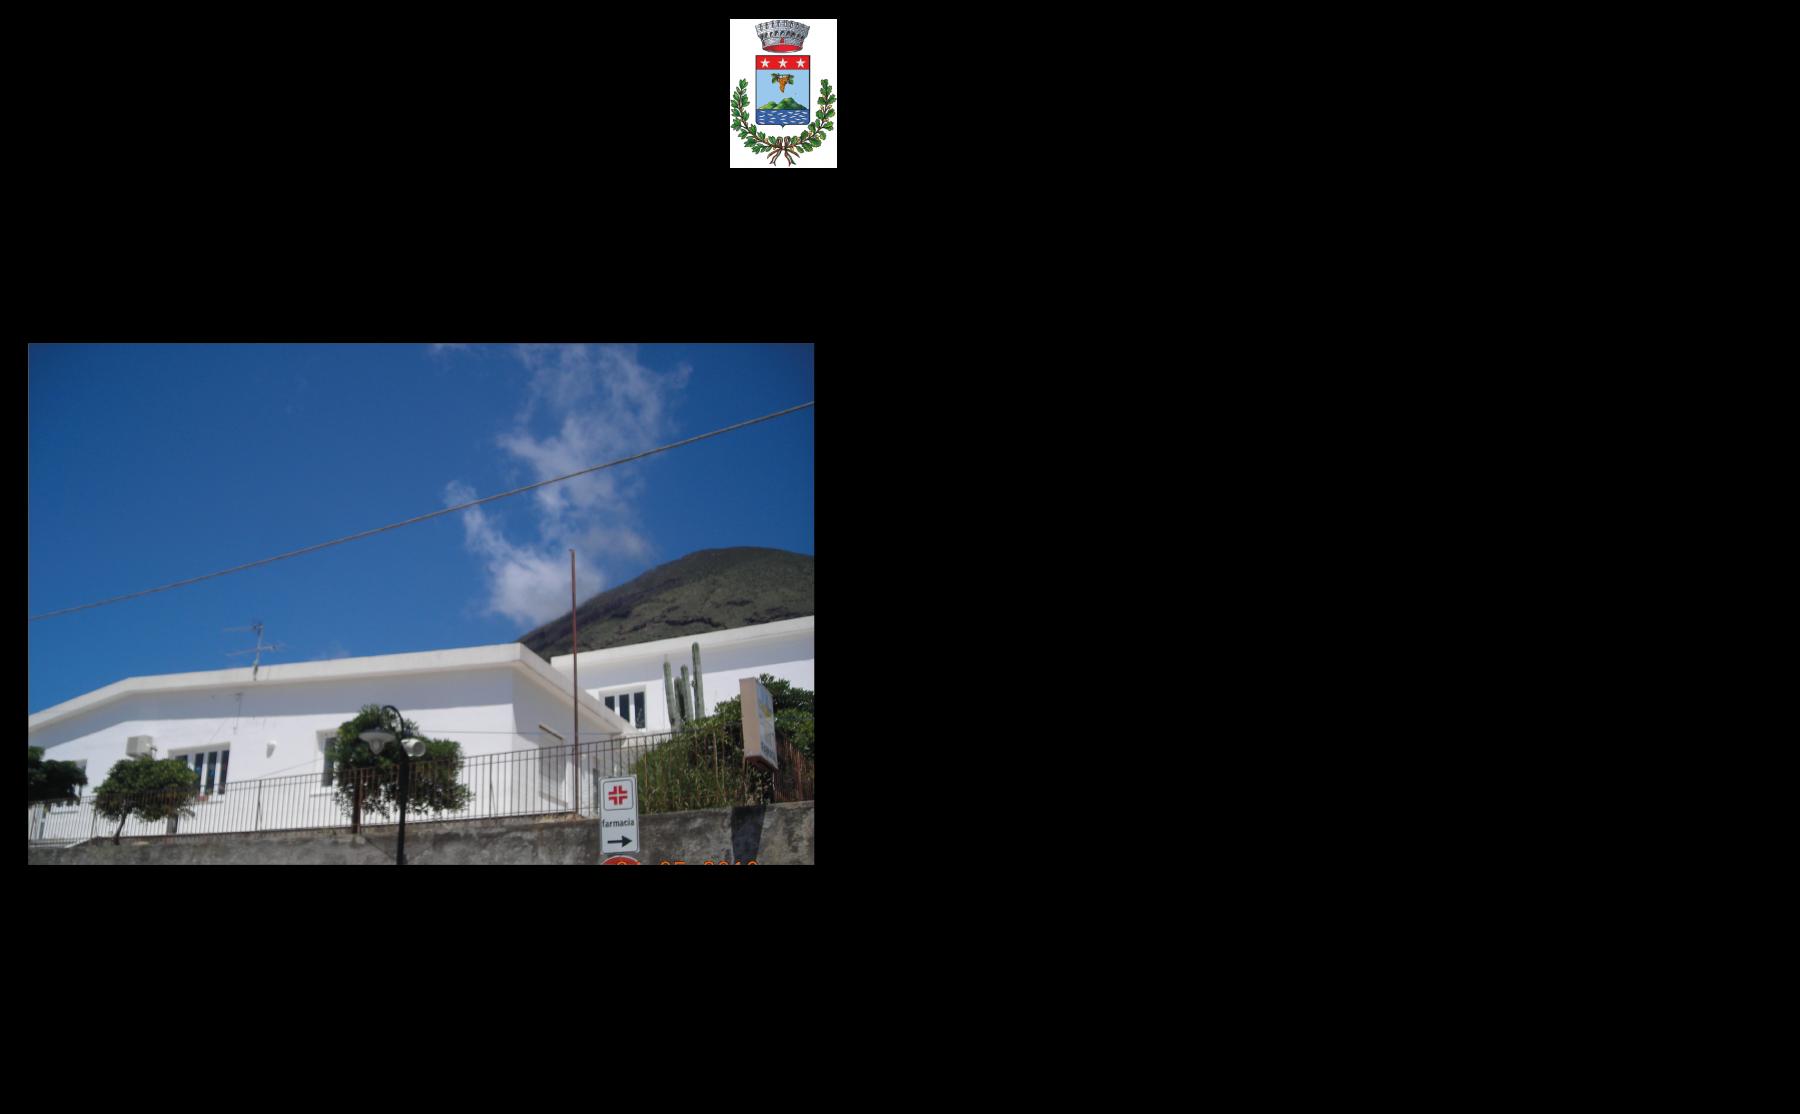 C.Leni-Scuola-dell'Infanzia-–-Biblioteca-Comunale-Farmacia